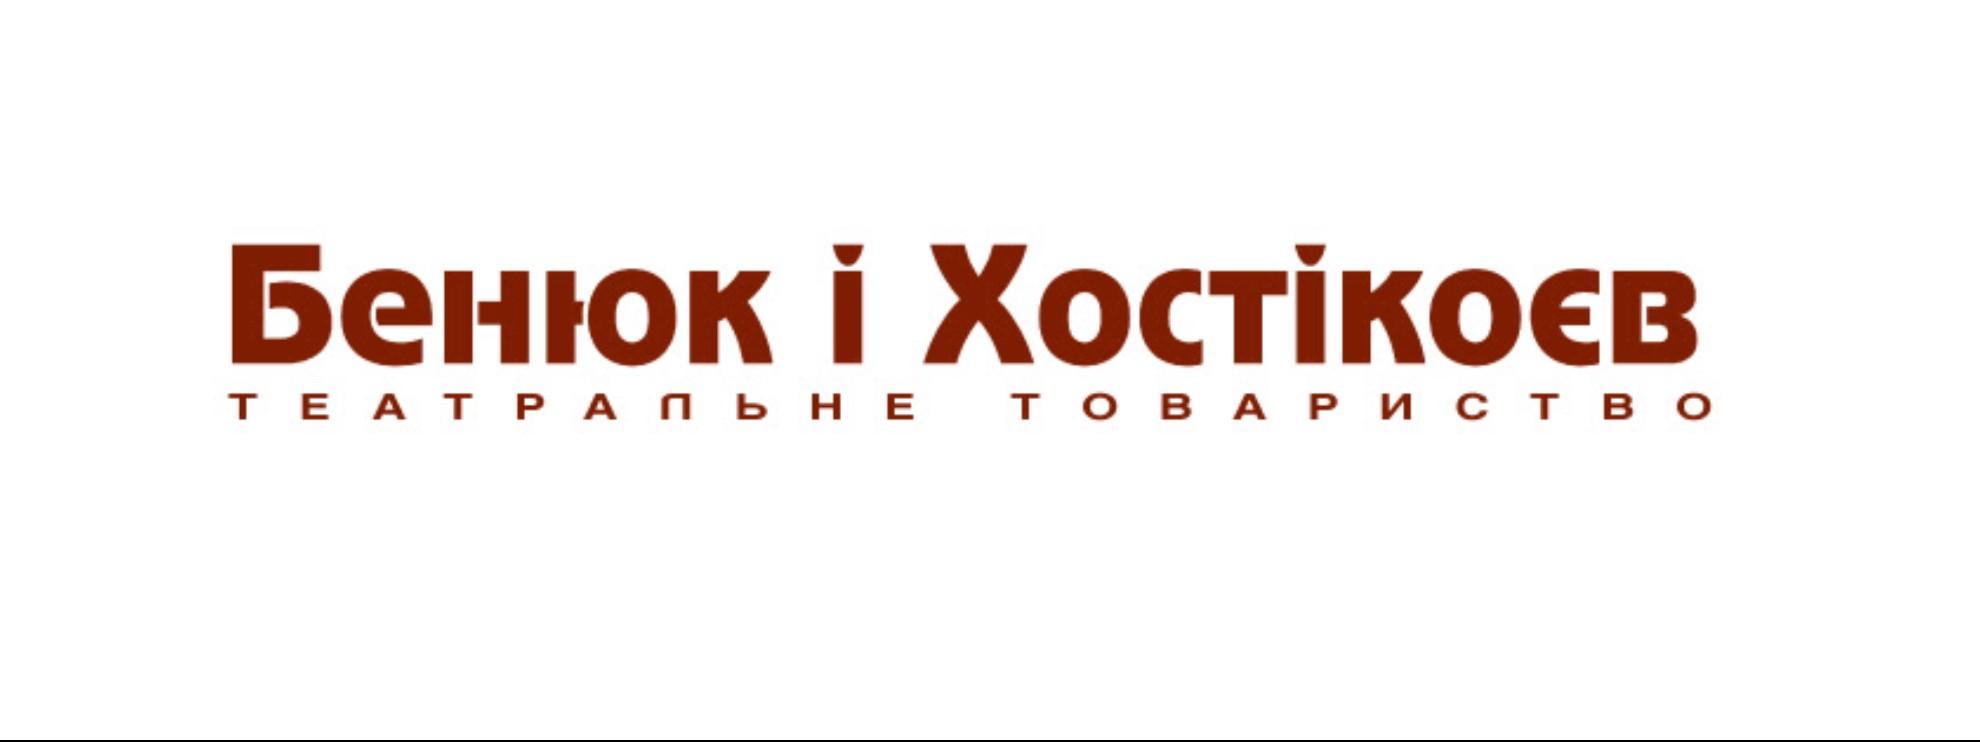 исполнитель Театральное товарищество Бенюк и Хостикоев